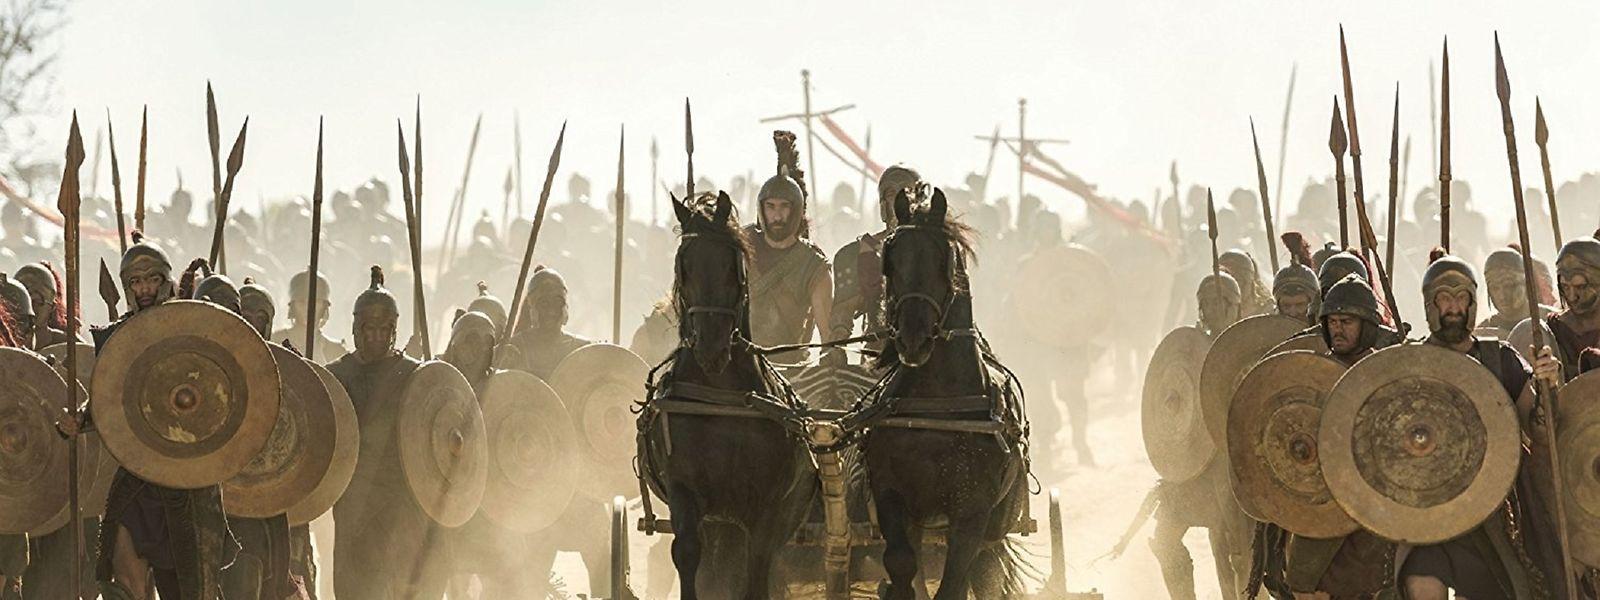 """Bei den Mitteln wurde in """"Troy: Fall of a City"""" nicht gespart – die Serie rettet das unterm Strich dennoch nicht."""